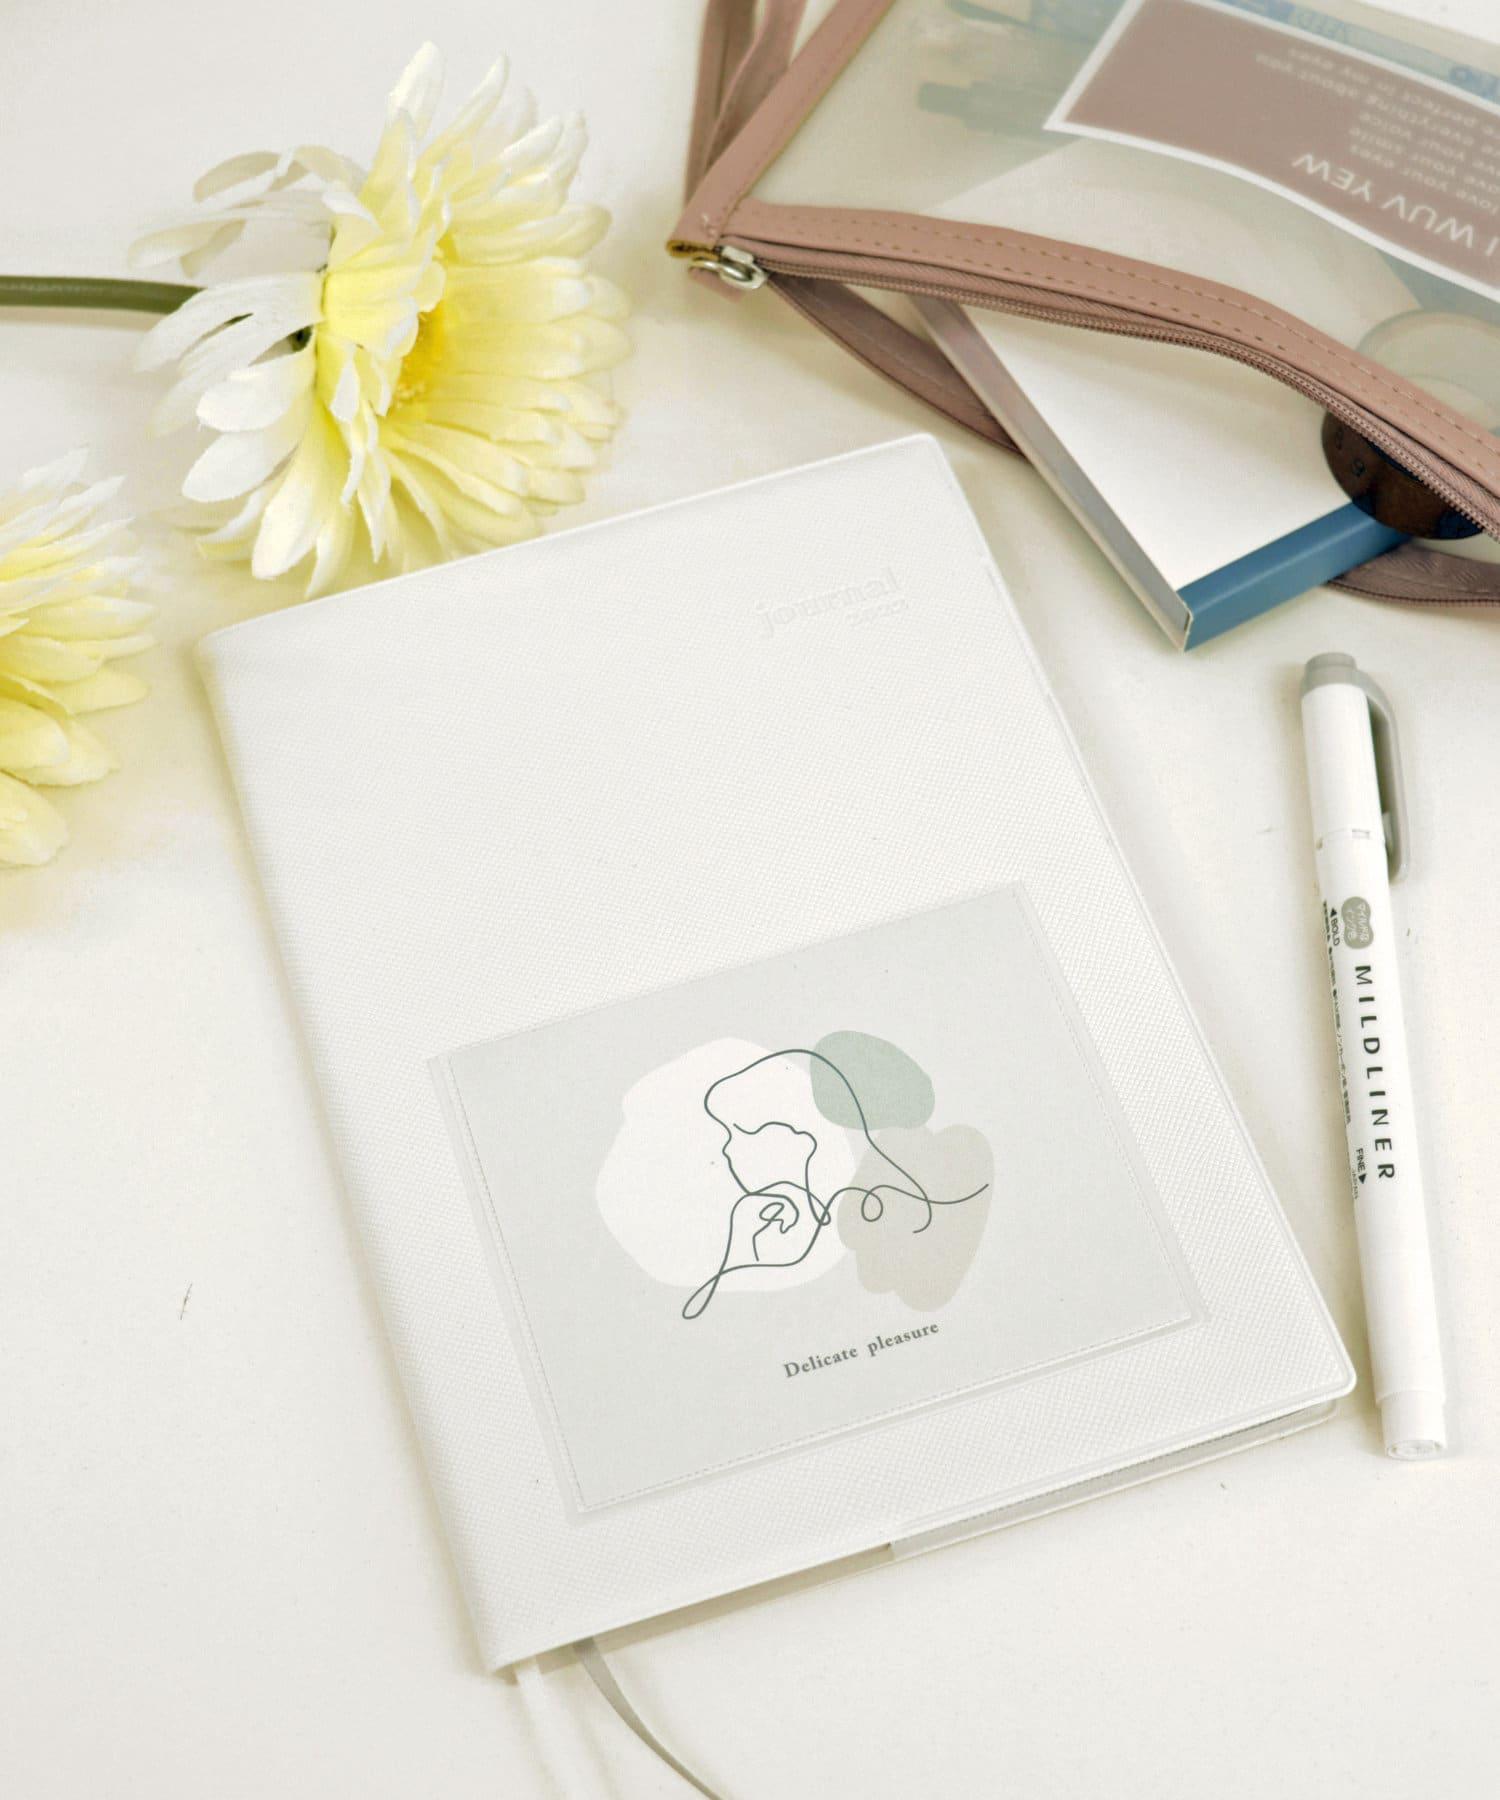 3COINS(スリーコインズ) ライフスタイル 【MY SCHEDULE】 B6サイズポケット付き手帳 ホワイト